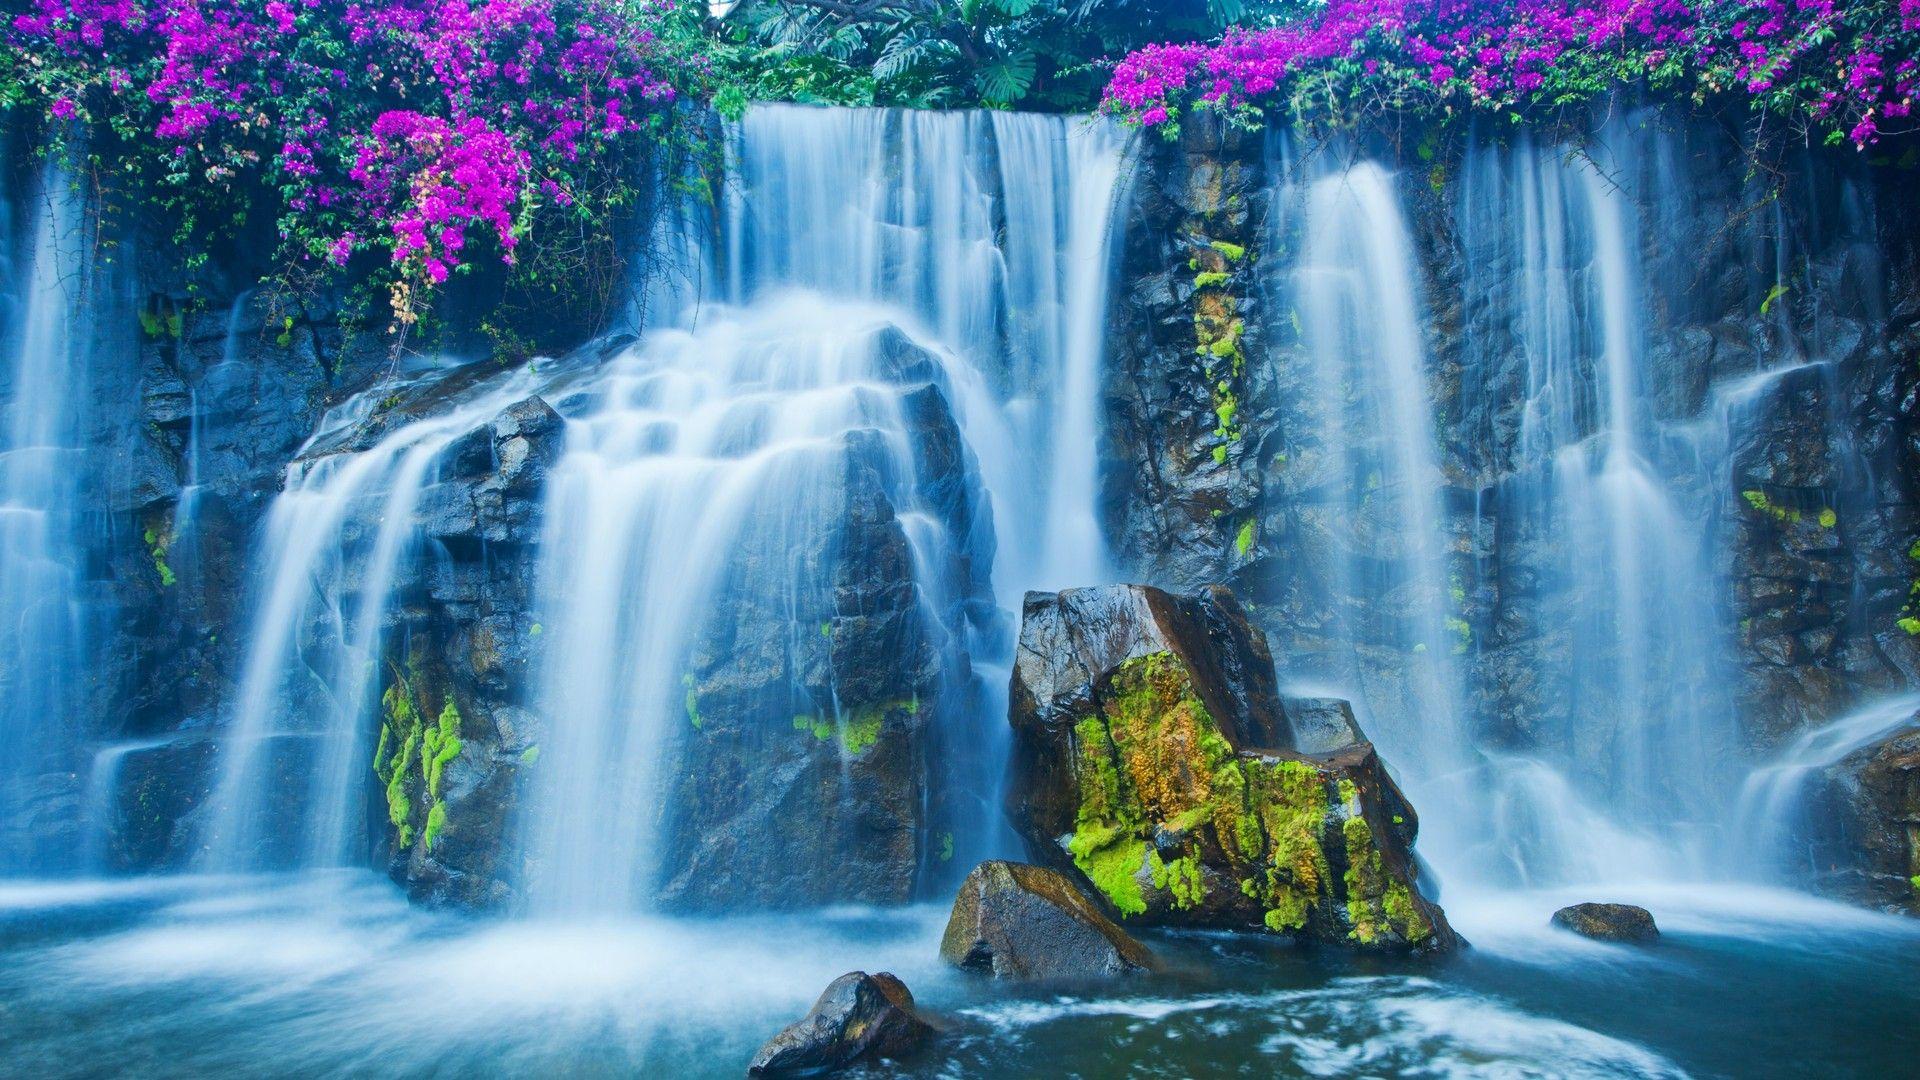 Crown Of Flowers On Beautiful Waterfalls Waterfall Wallpaper Waterfall Pictures Waterfall